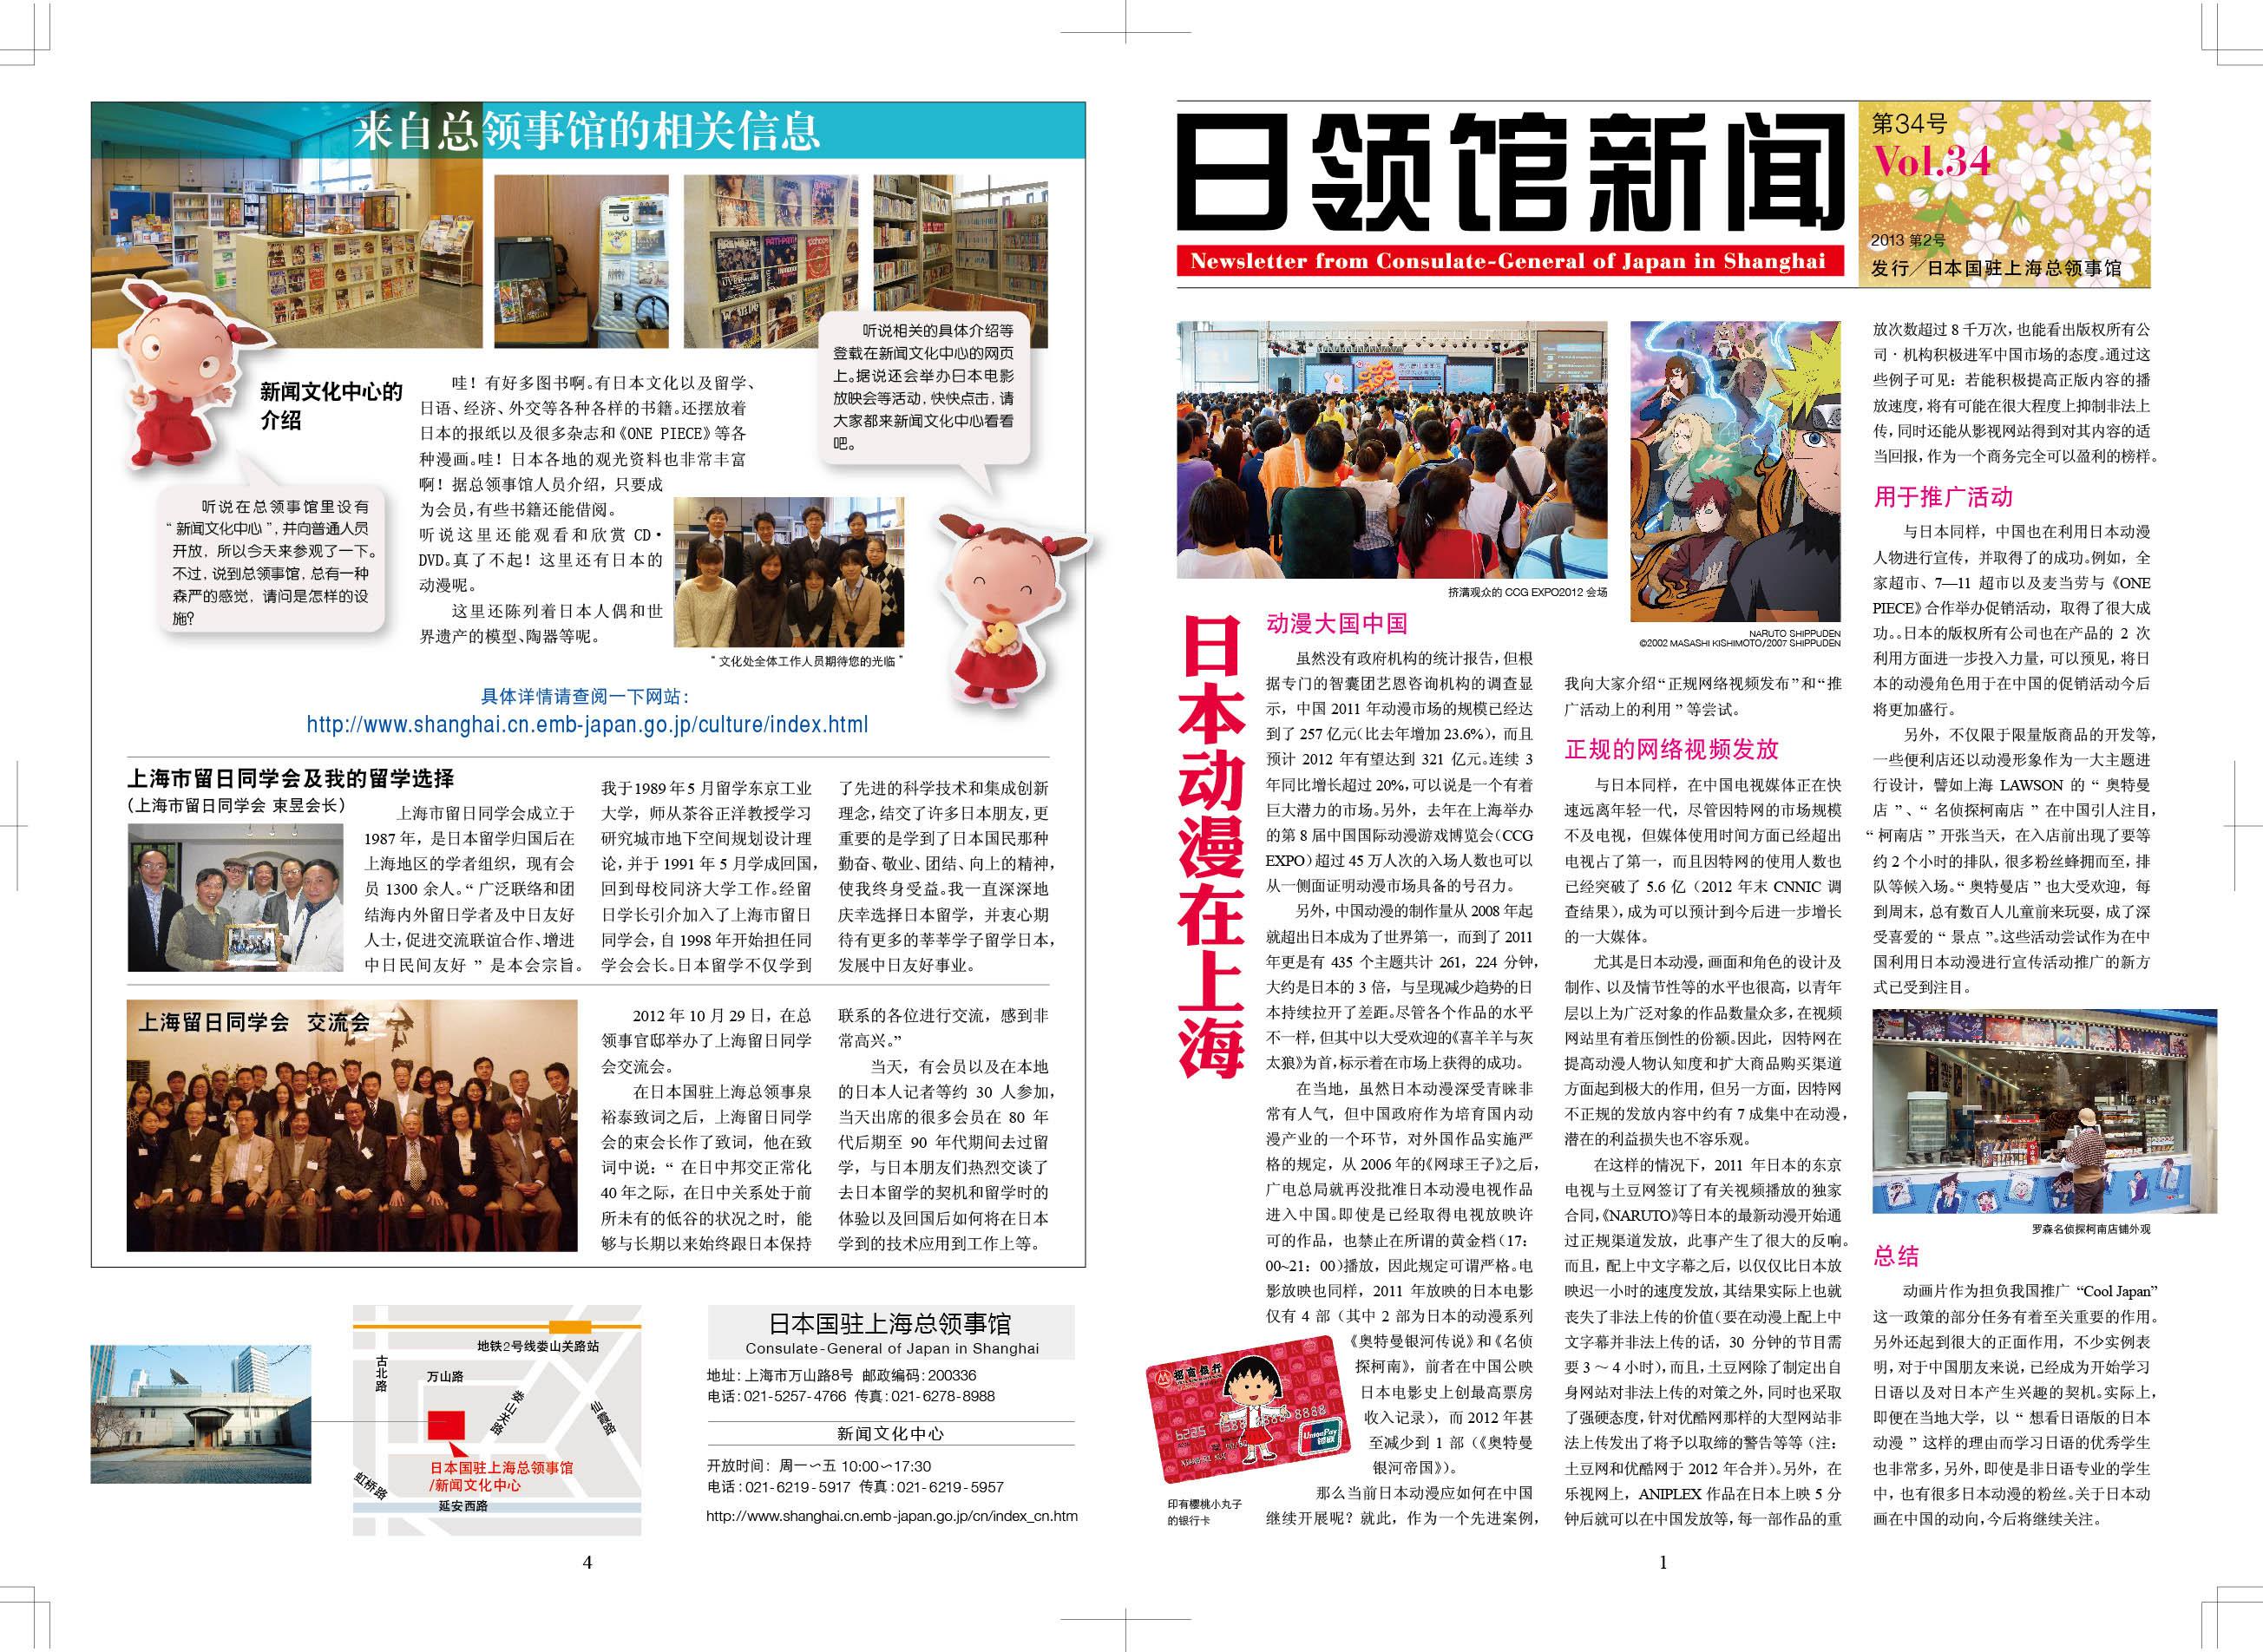 2010南京日本文化周